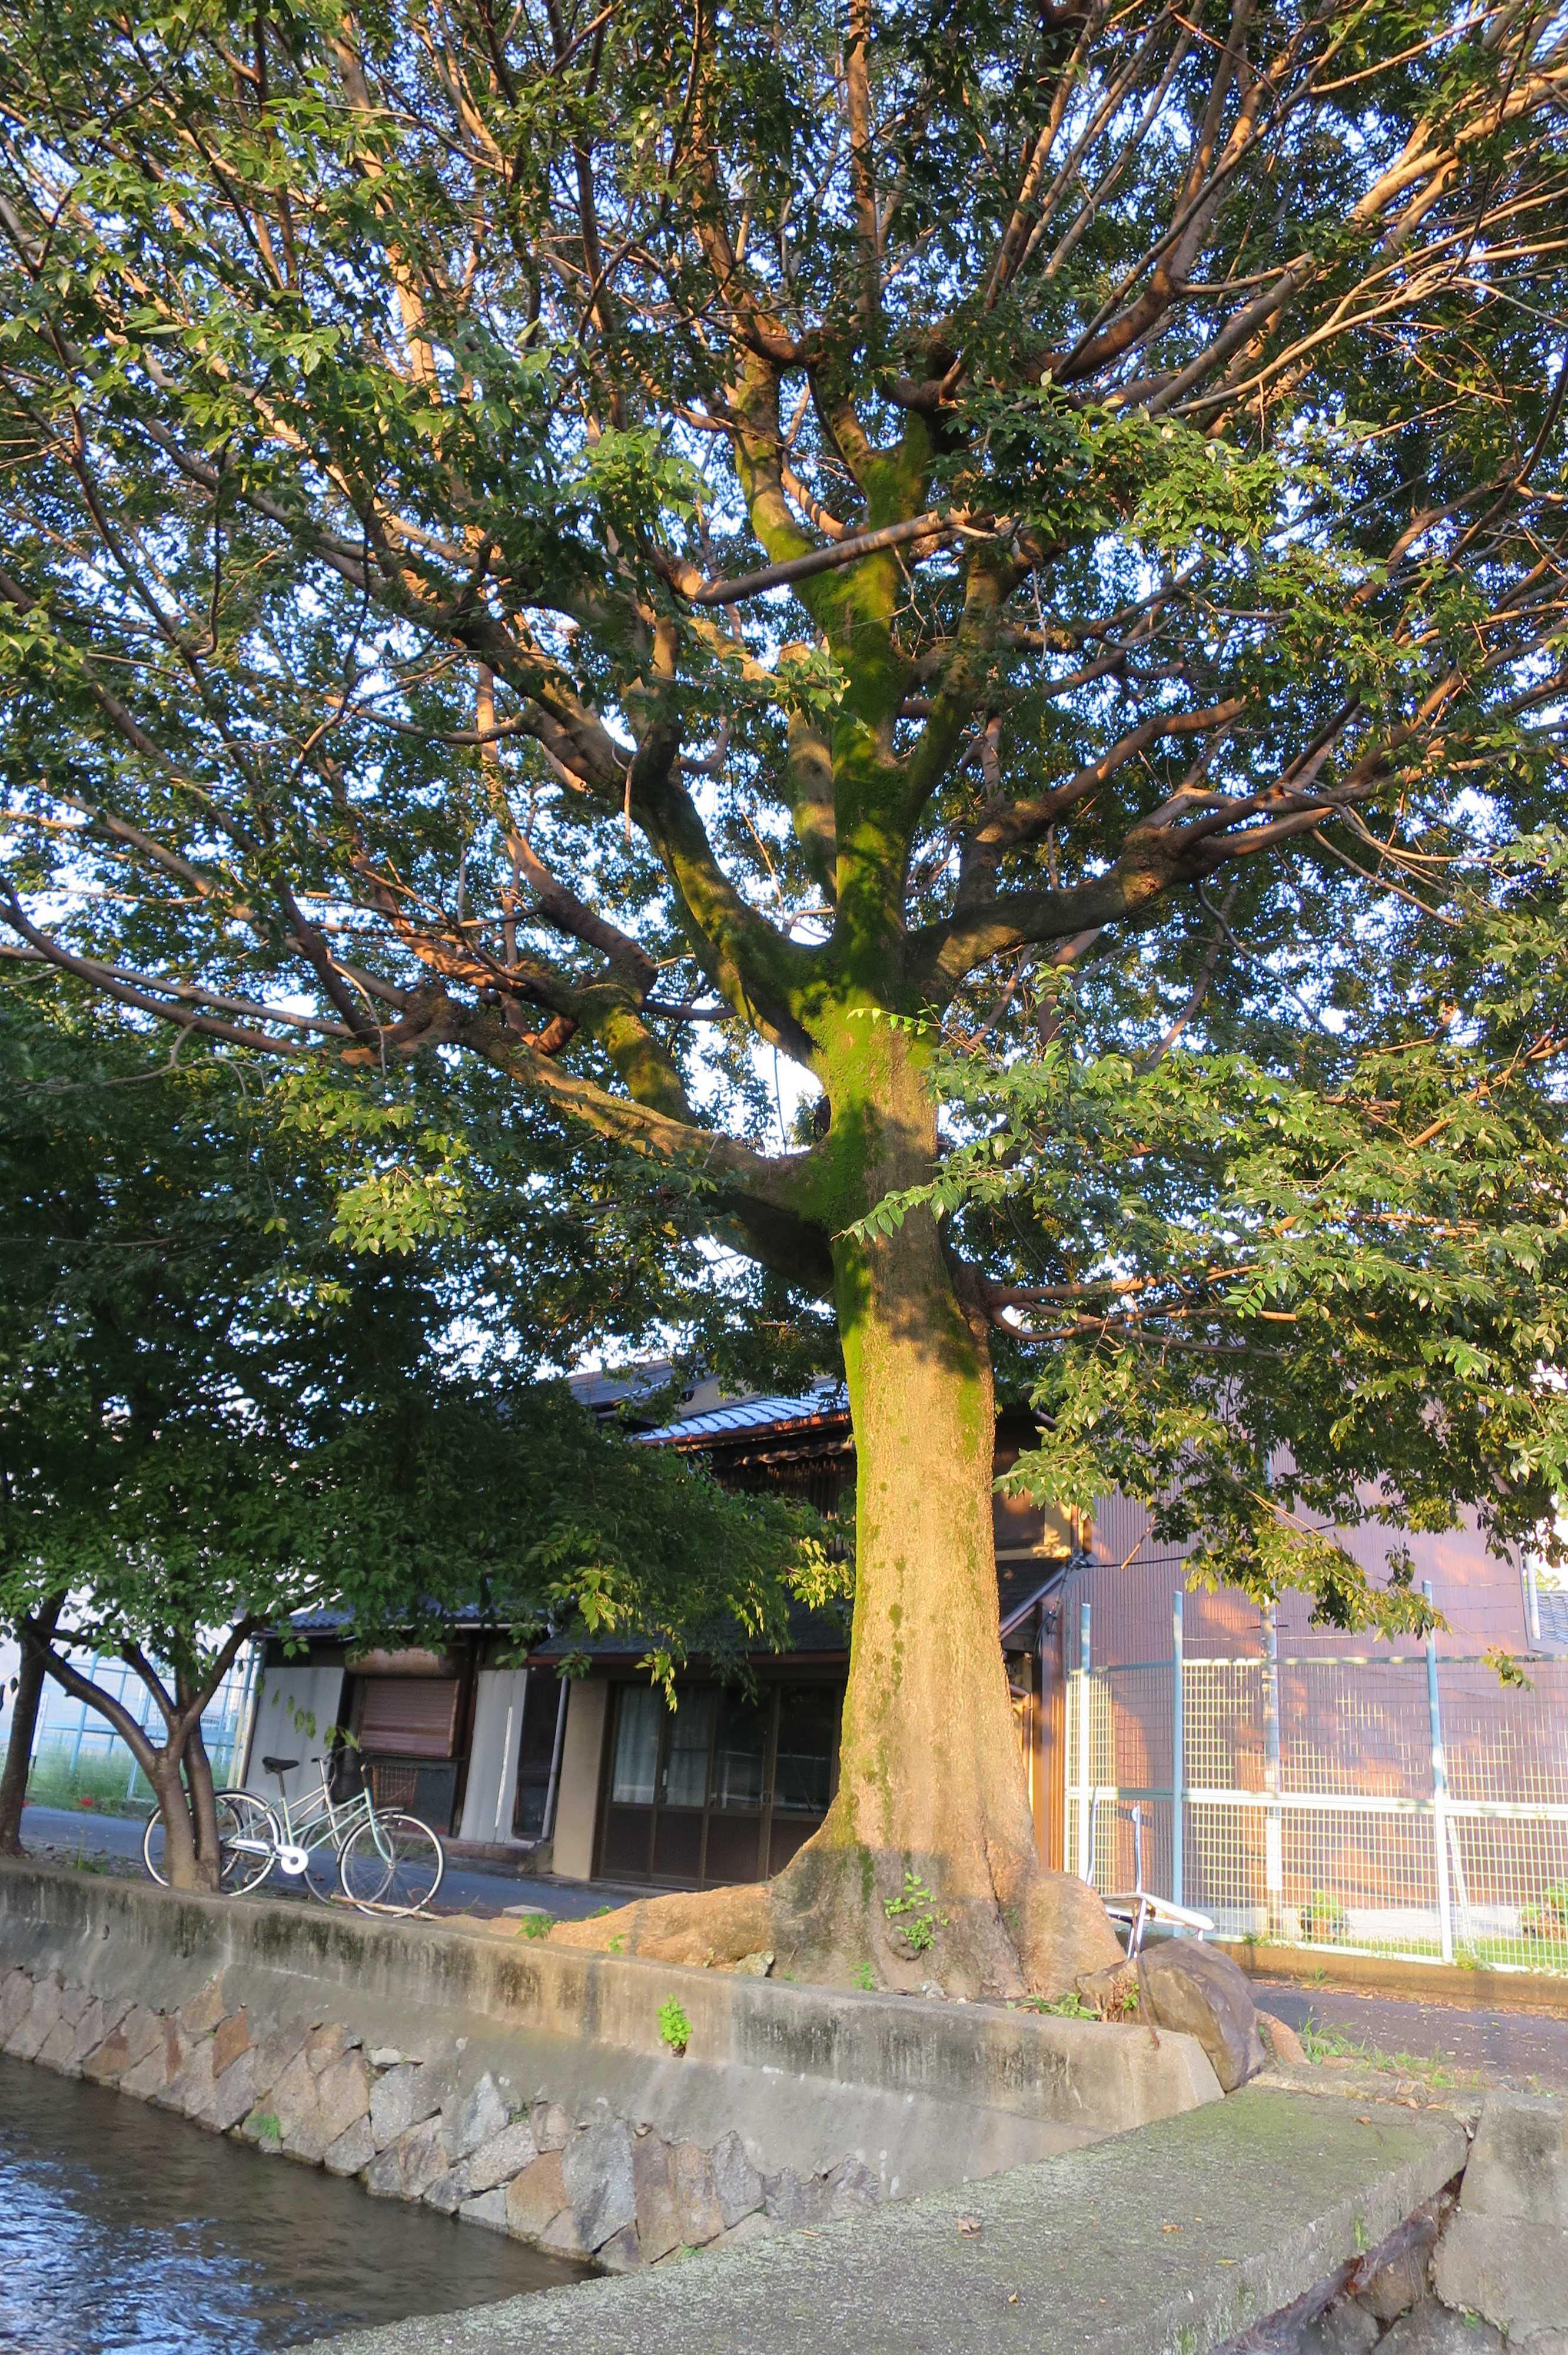 京都・崇仁地区 - 大きな木と自転車と高瀬川、そしてネットフェンス